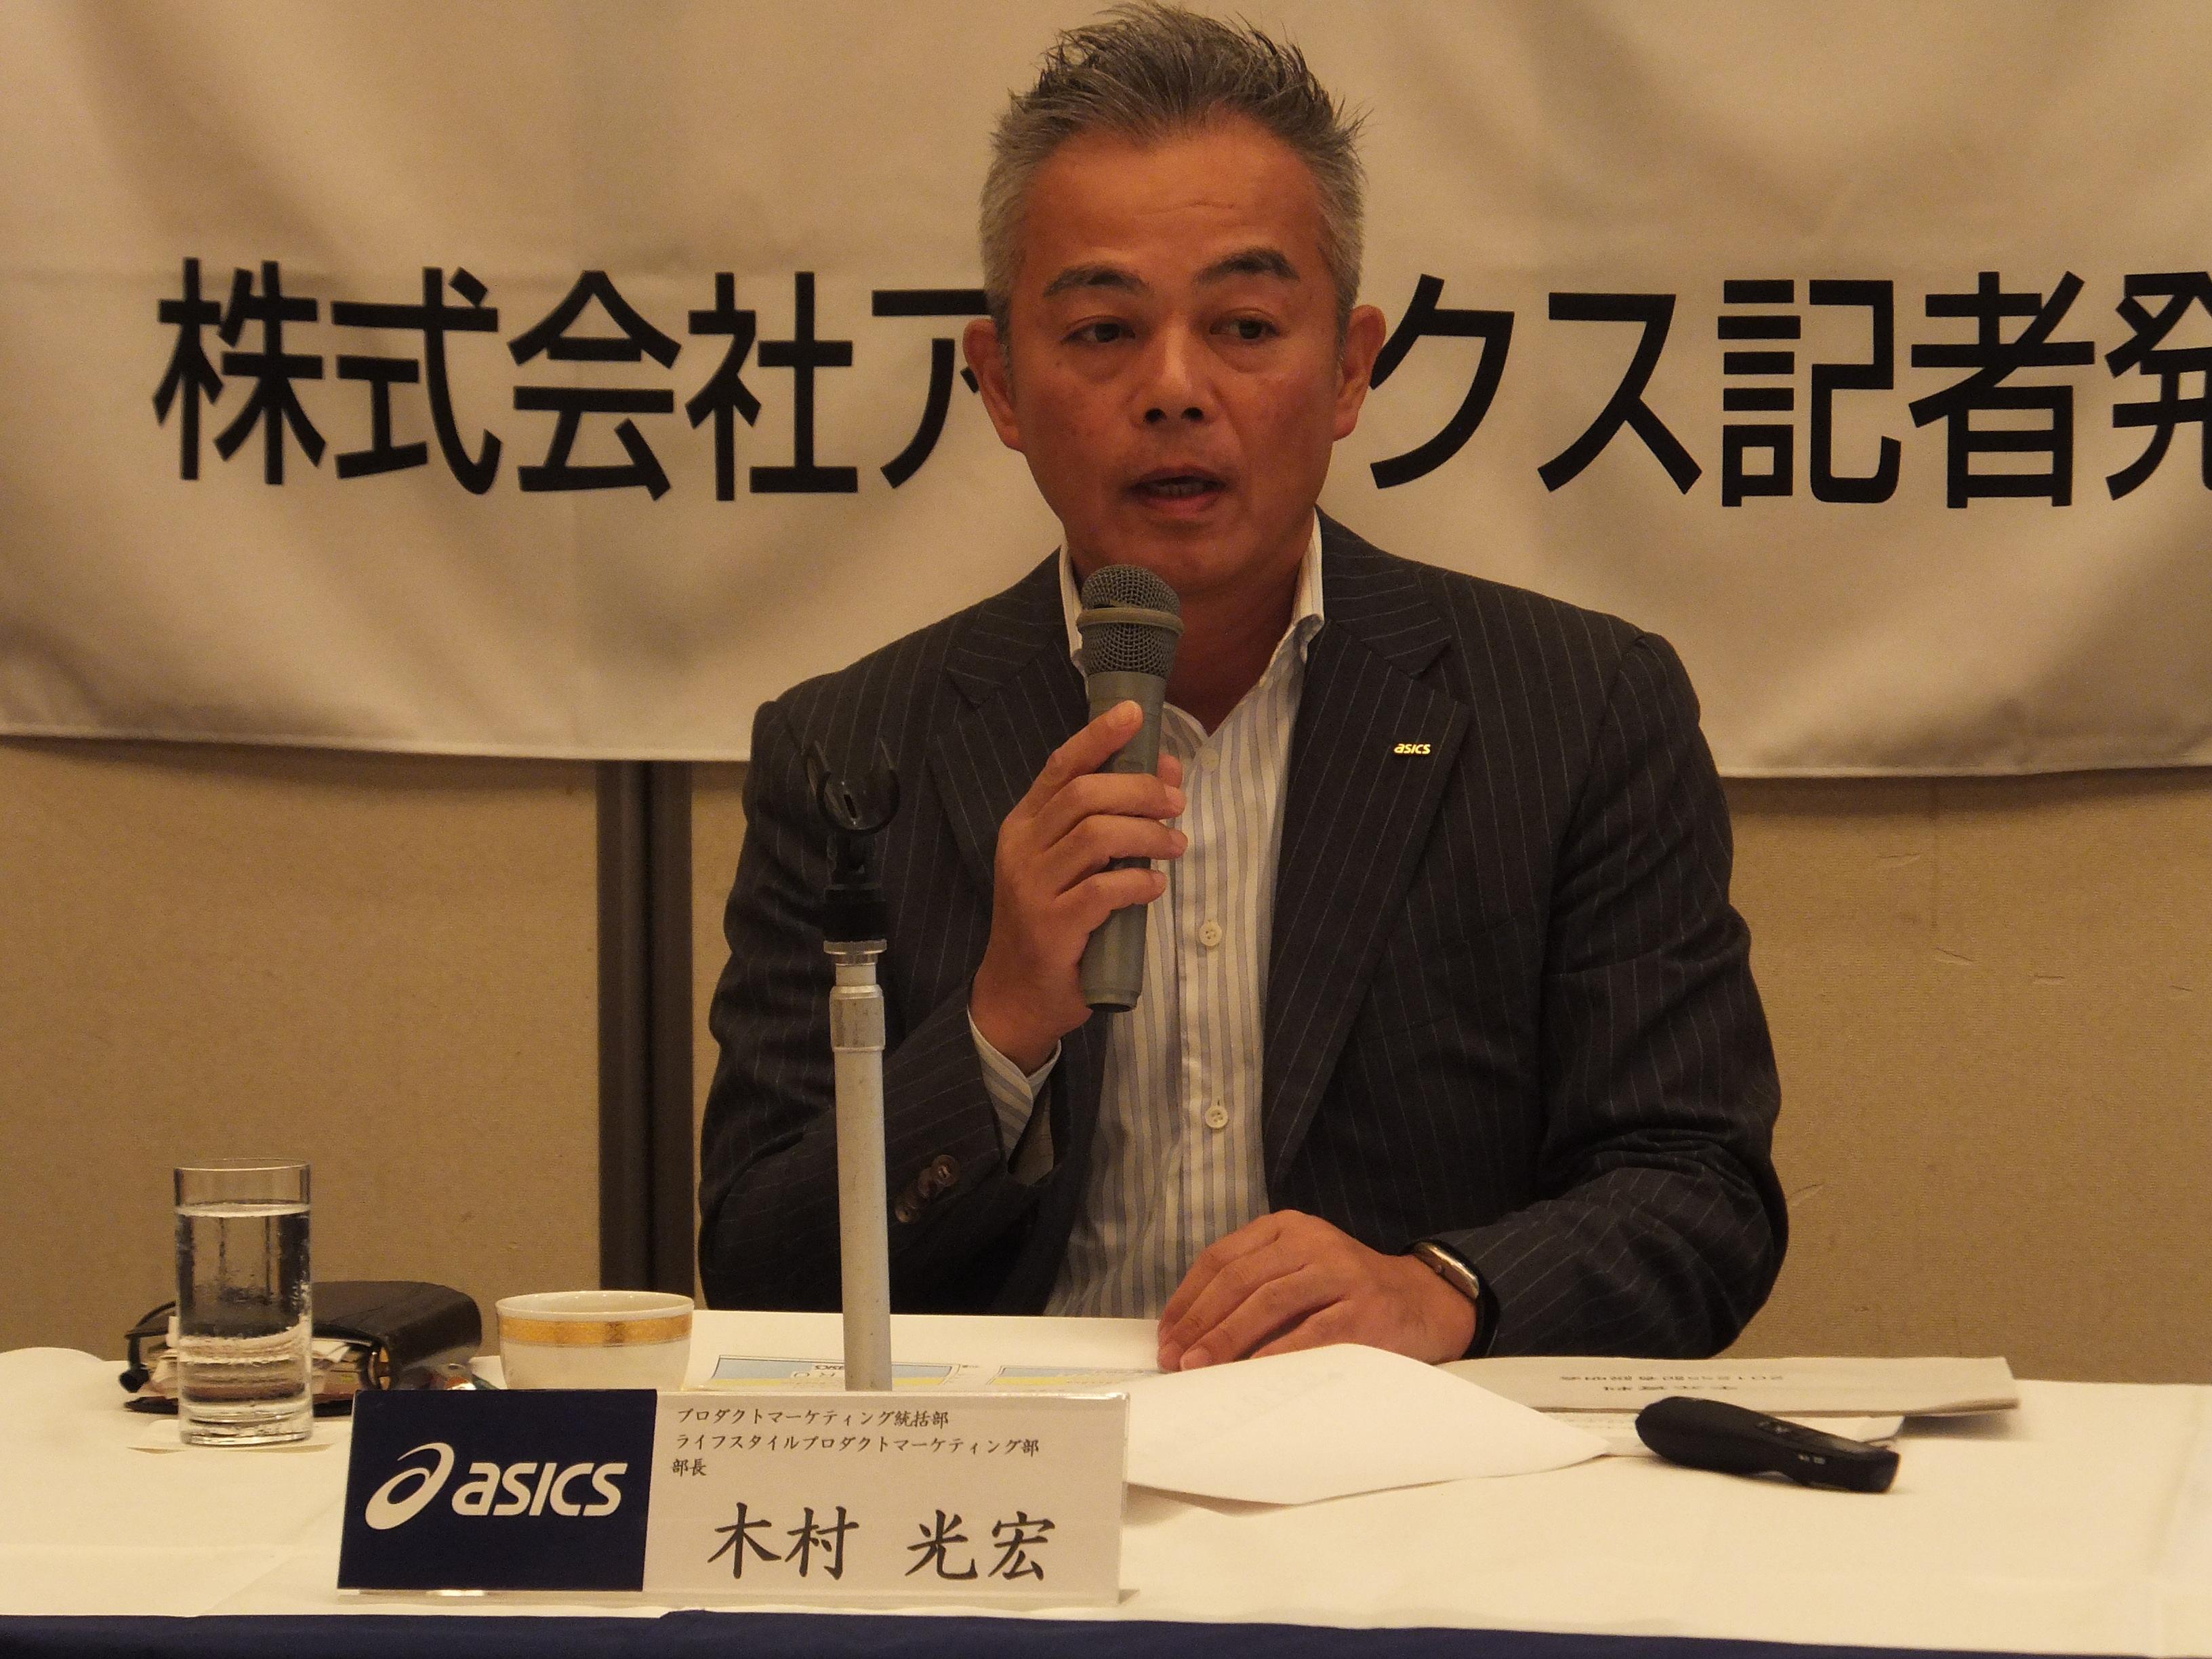 事業展開を説明する木村部長